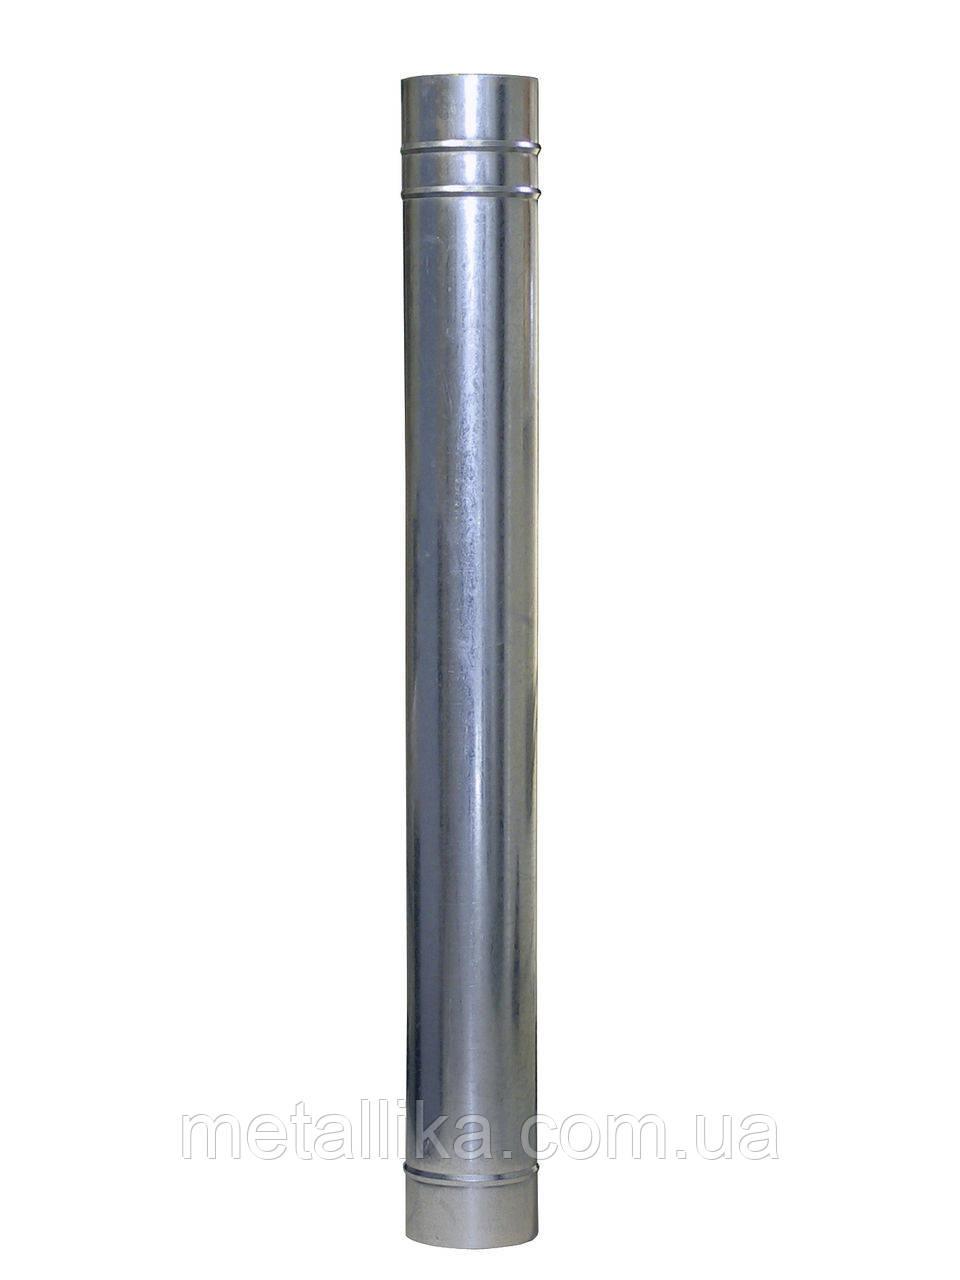 функциональное как из оцинкованного листа сделать трубу 100 миллиметров термобелье выполняет